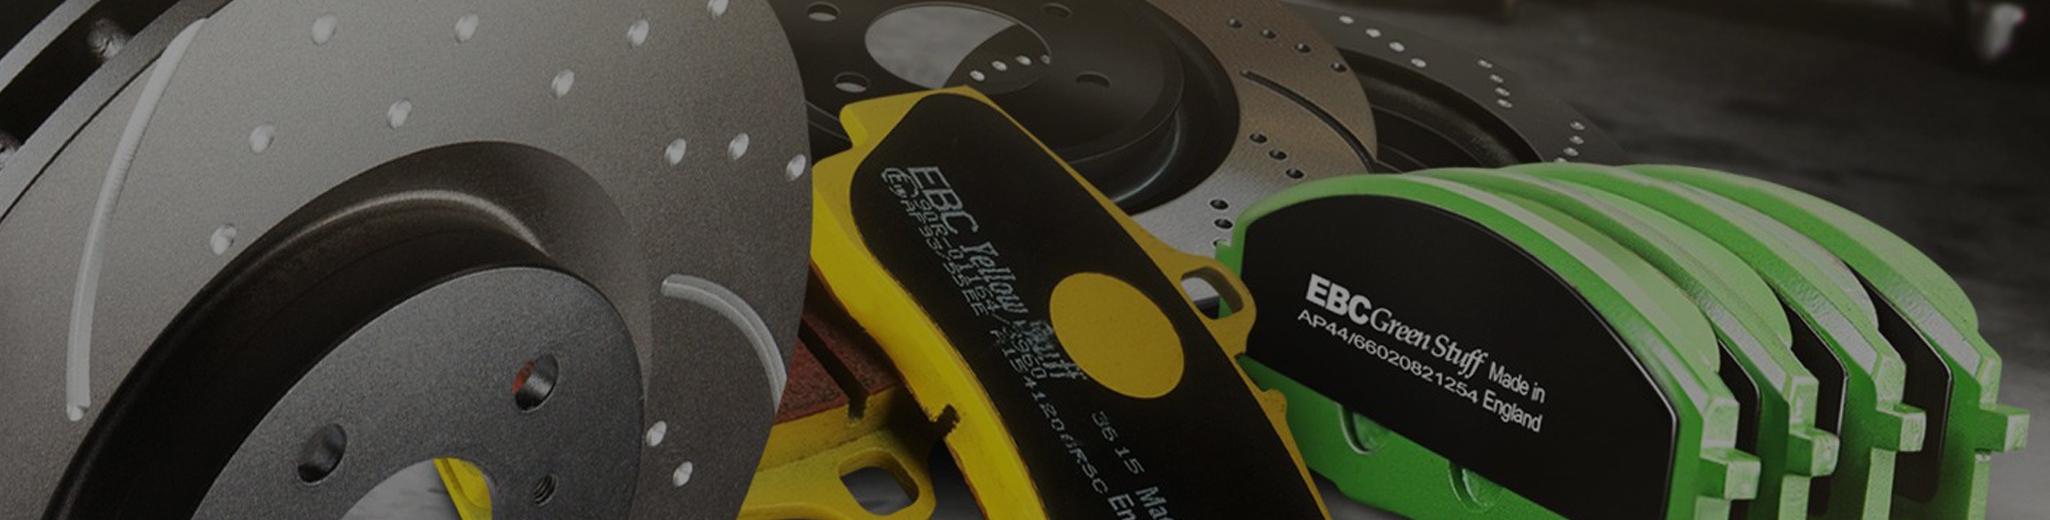 EBC Frenos - Pastillas, Discos, Componentes de frenada